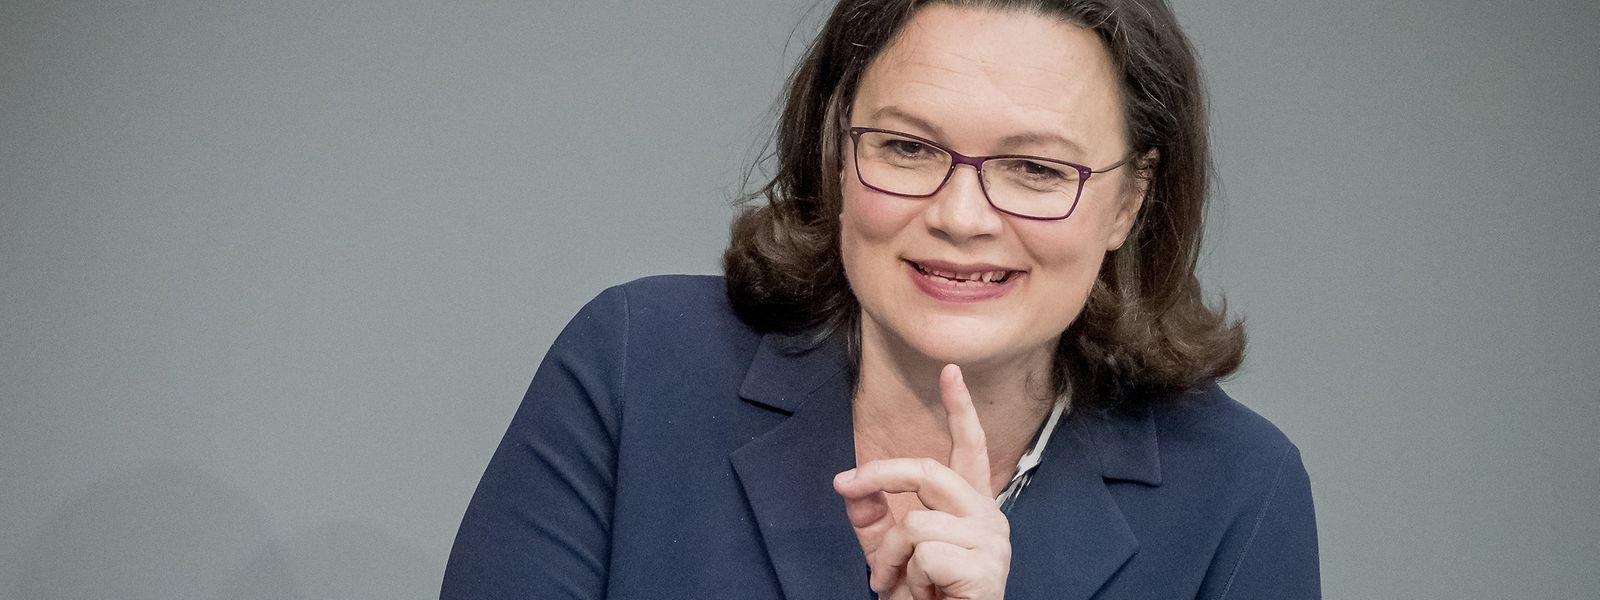 Andrea Nahles im Jahr 2018 bei einer Plenarsitzung des Bundestags.